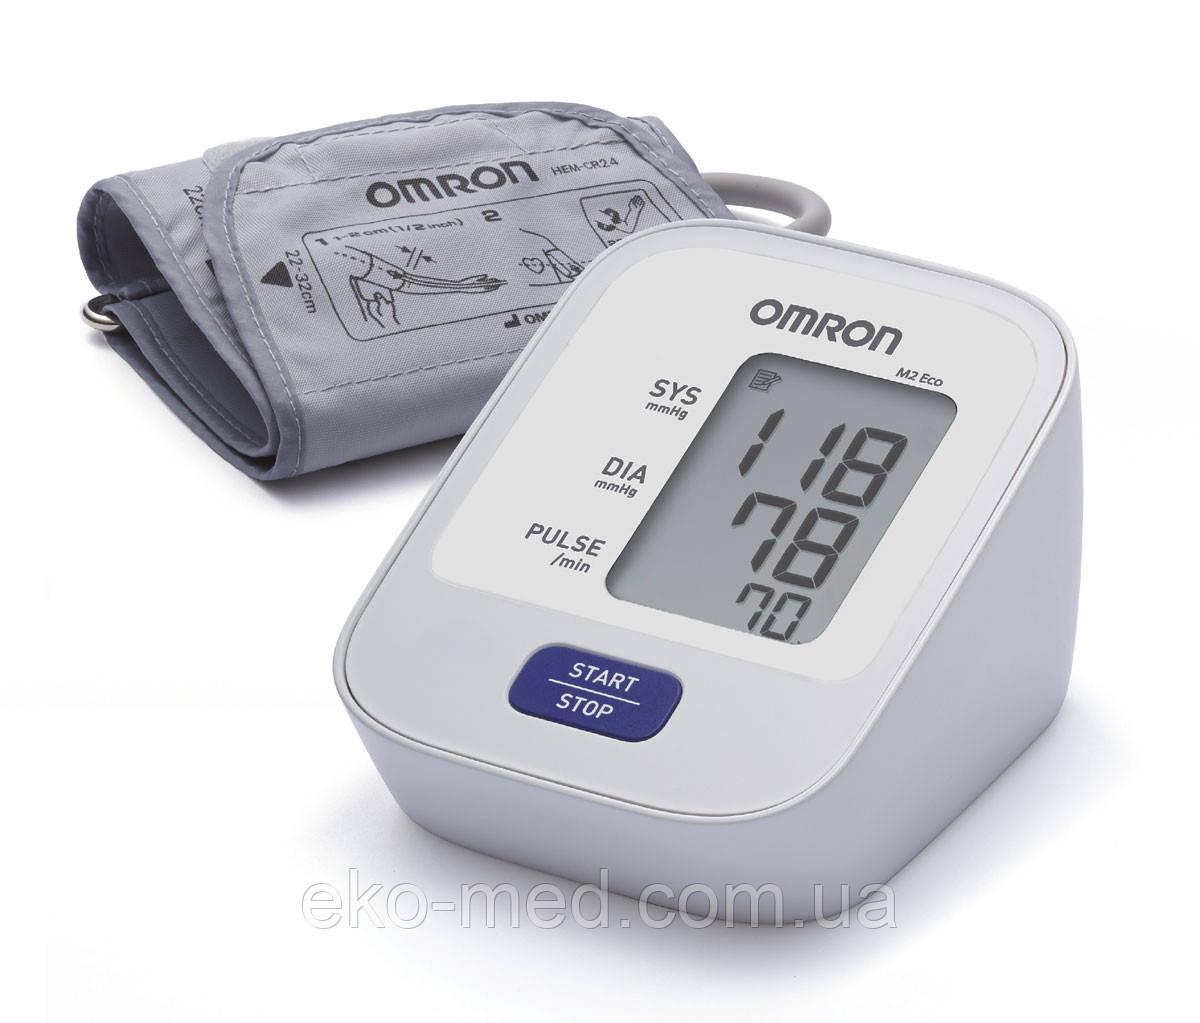 Тонометр автоматический OMRON M2 ECO с манжетой 22-32 см